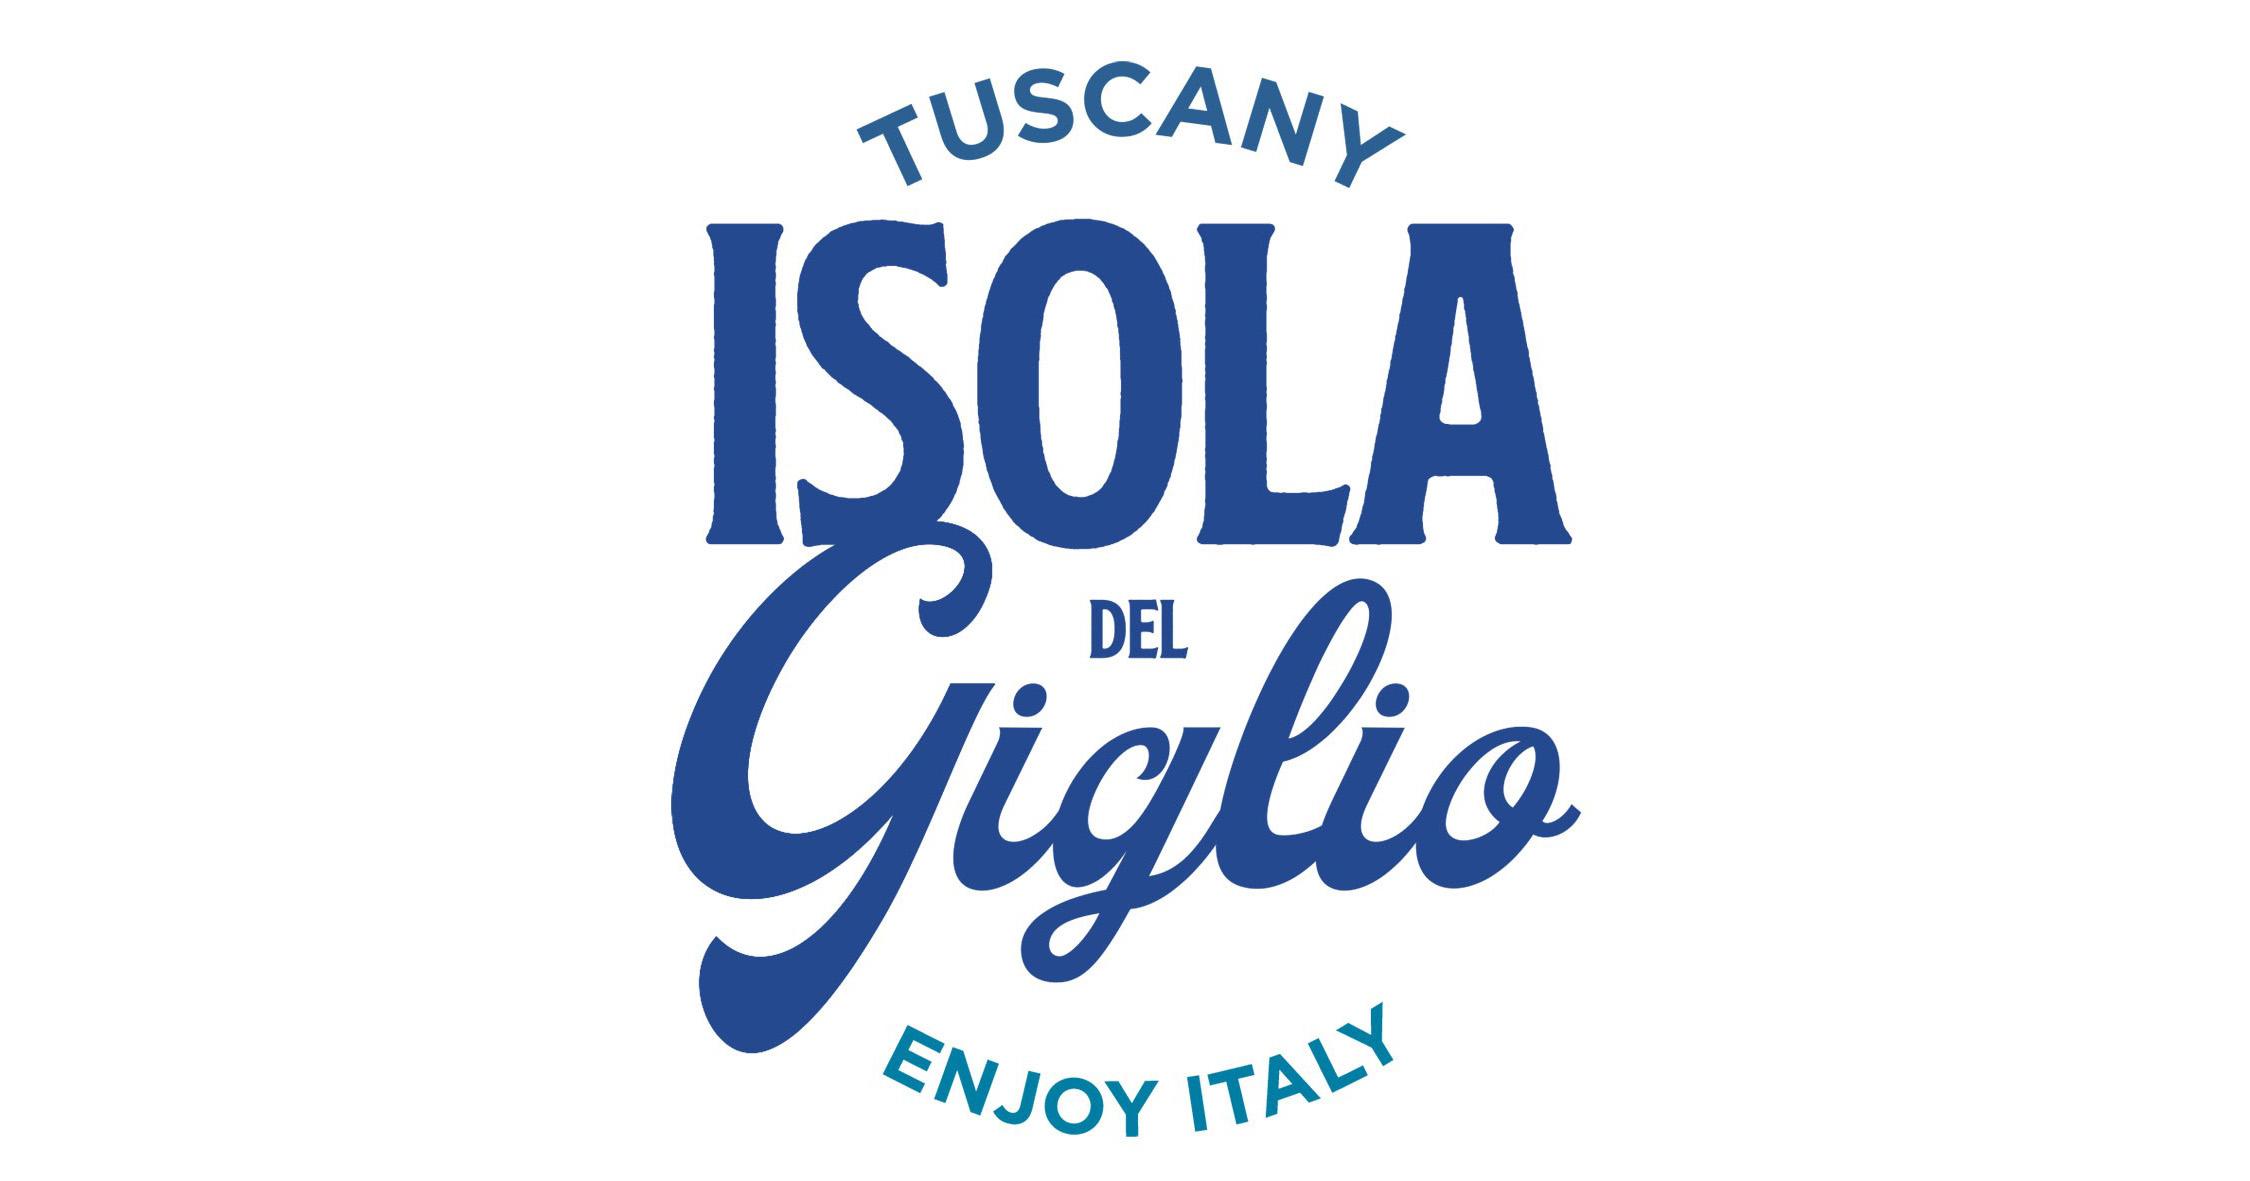 logo portale destination marketing comune isola del giglio giglionews